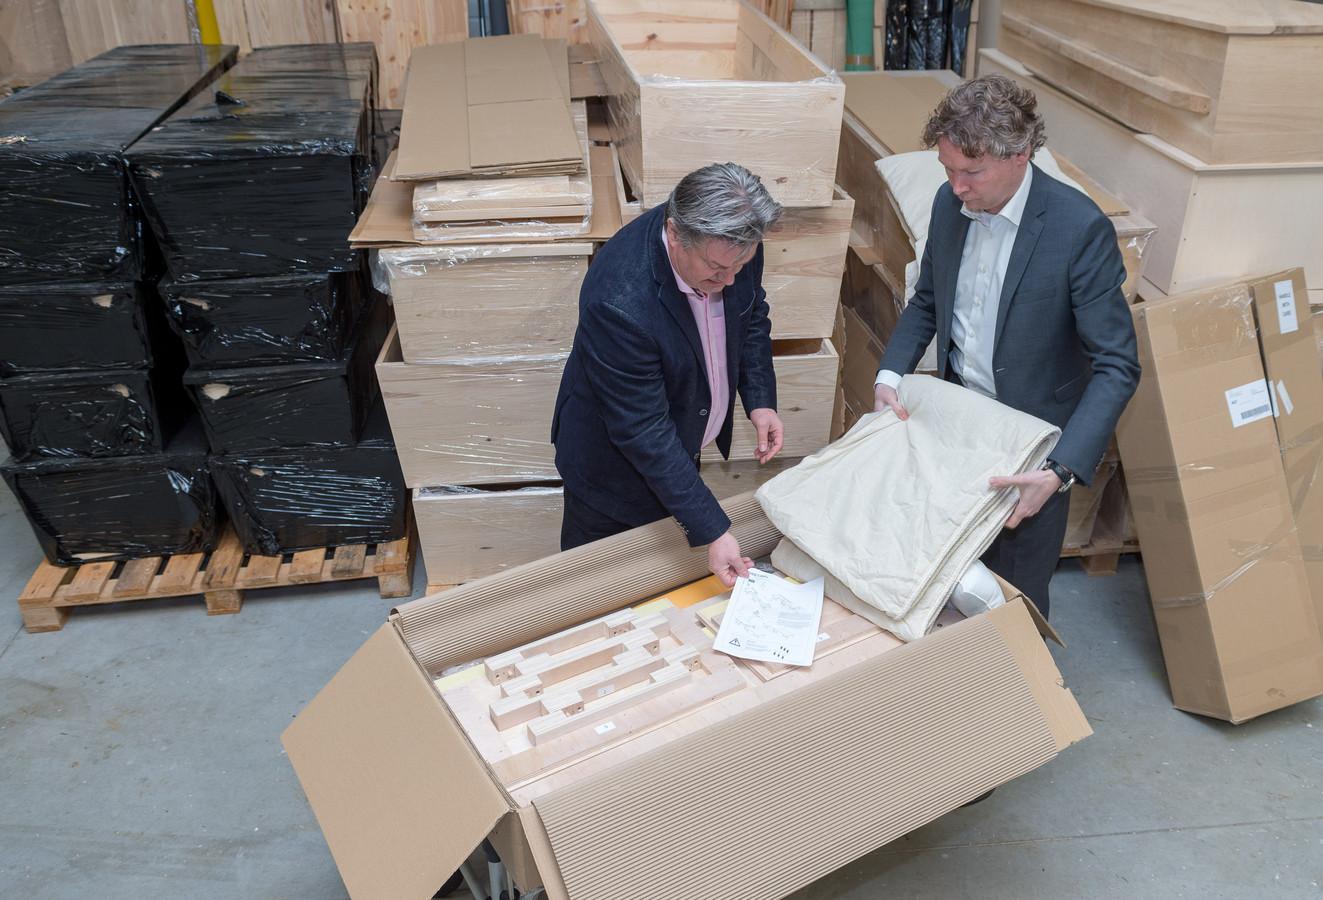 Cor Geijtenbeek, Dave van Santen (wit overhemd) en de Ikea grafkist